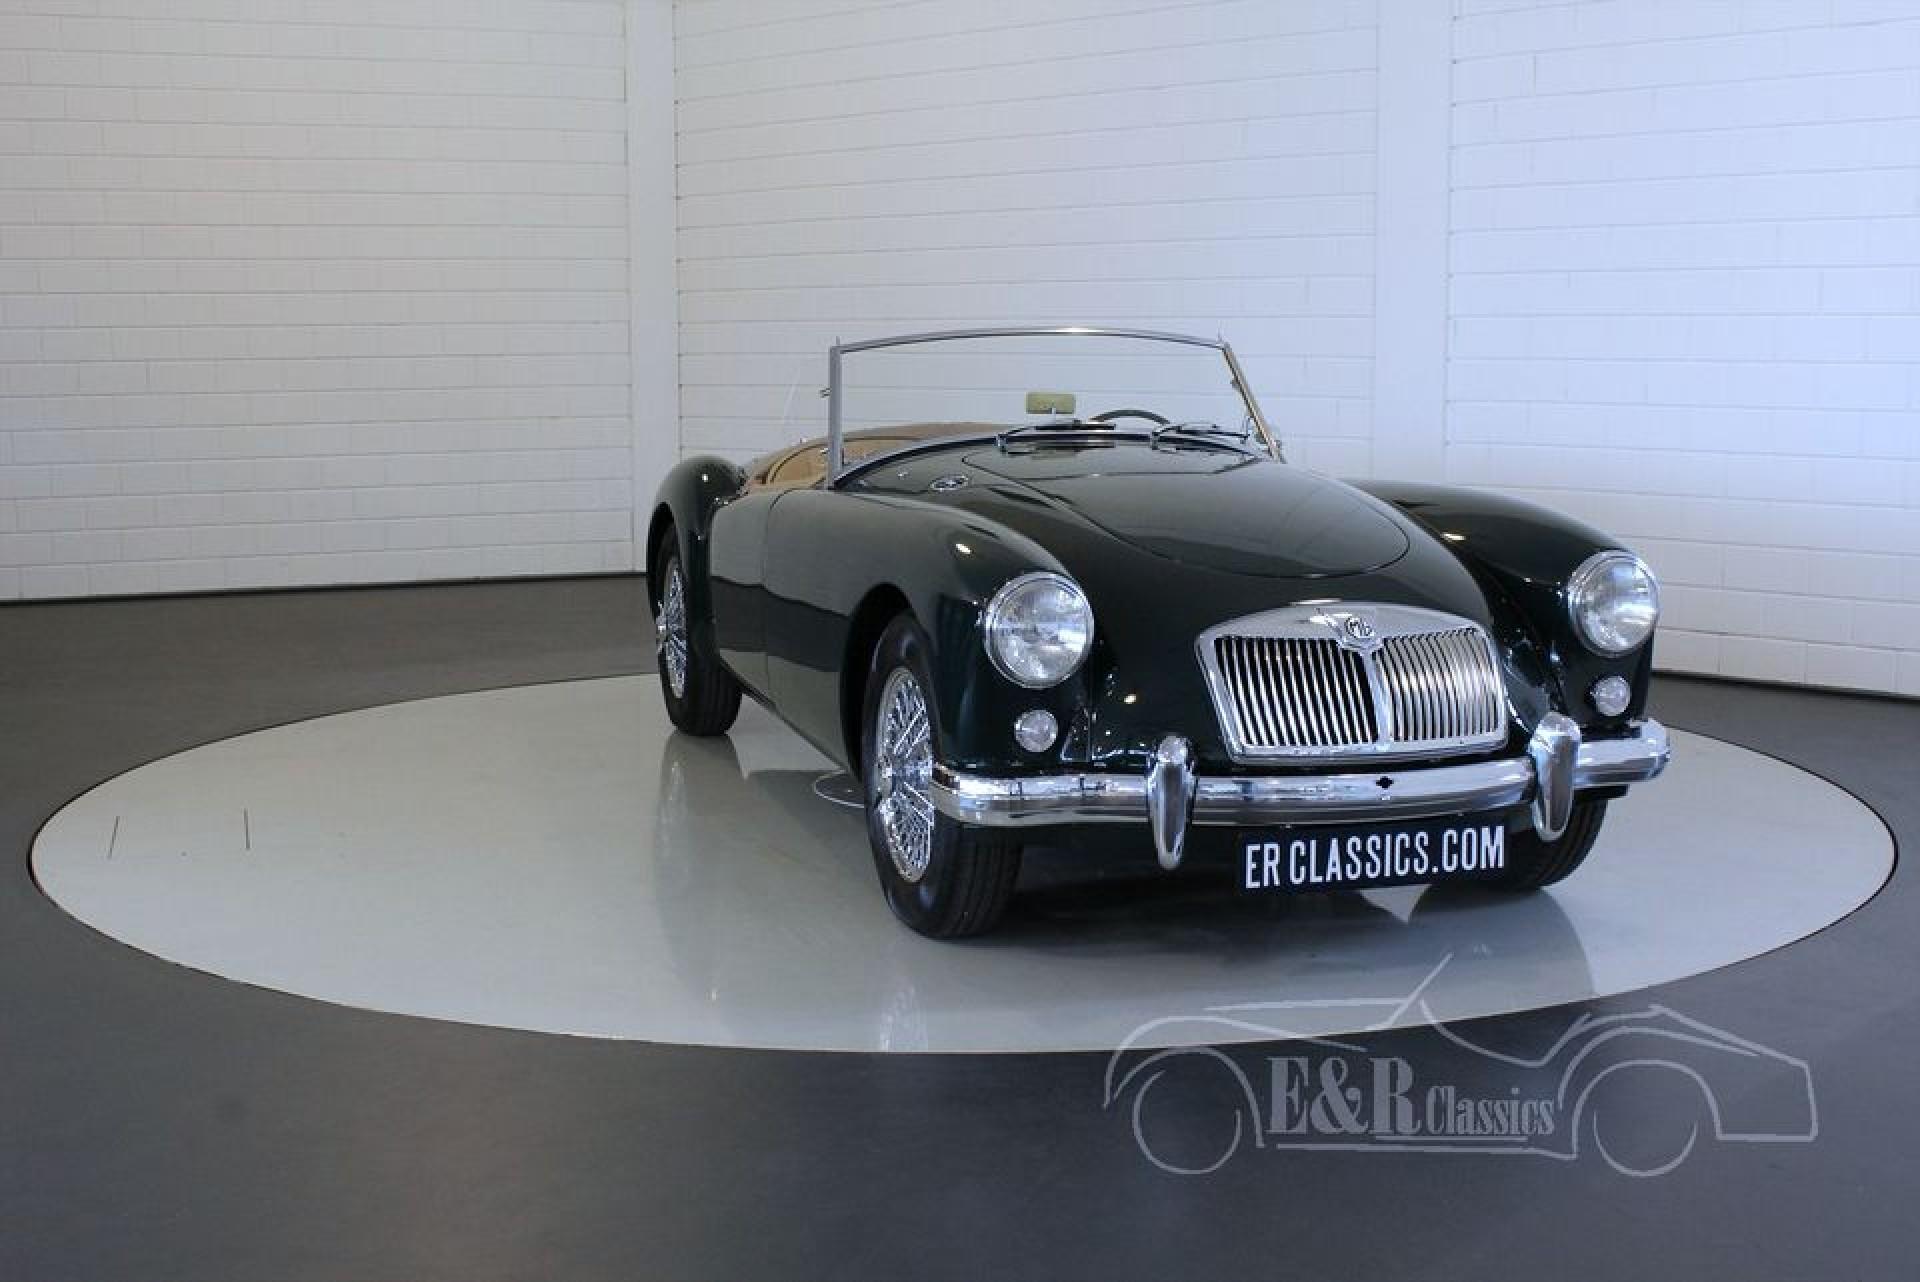 Mg Mga Cabriolet Te Koop Bij Erclassics Jpg 1920x1282 1957